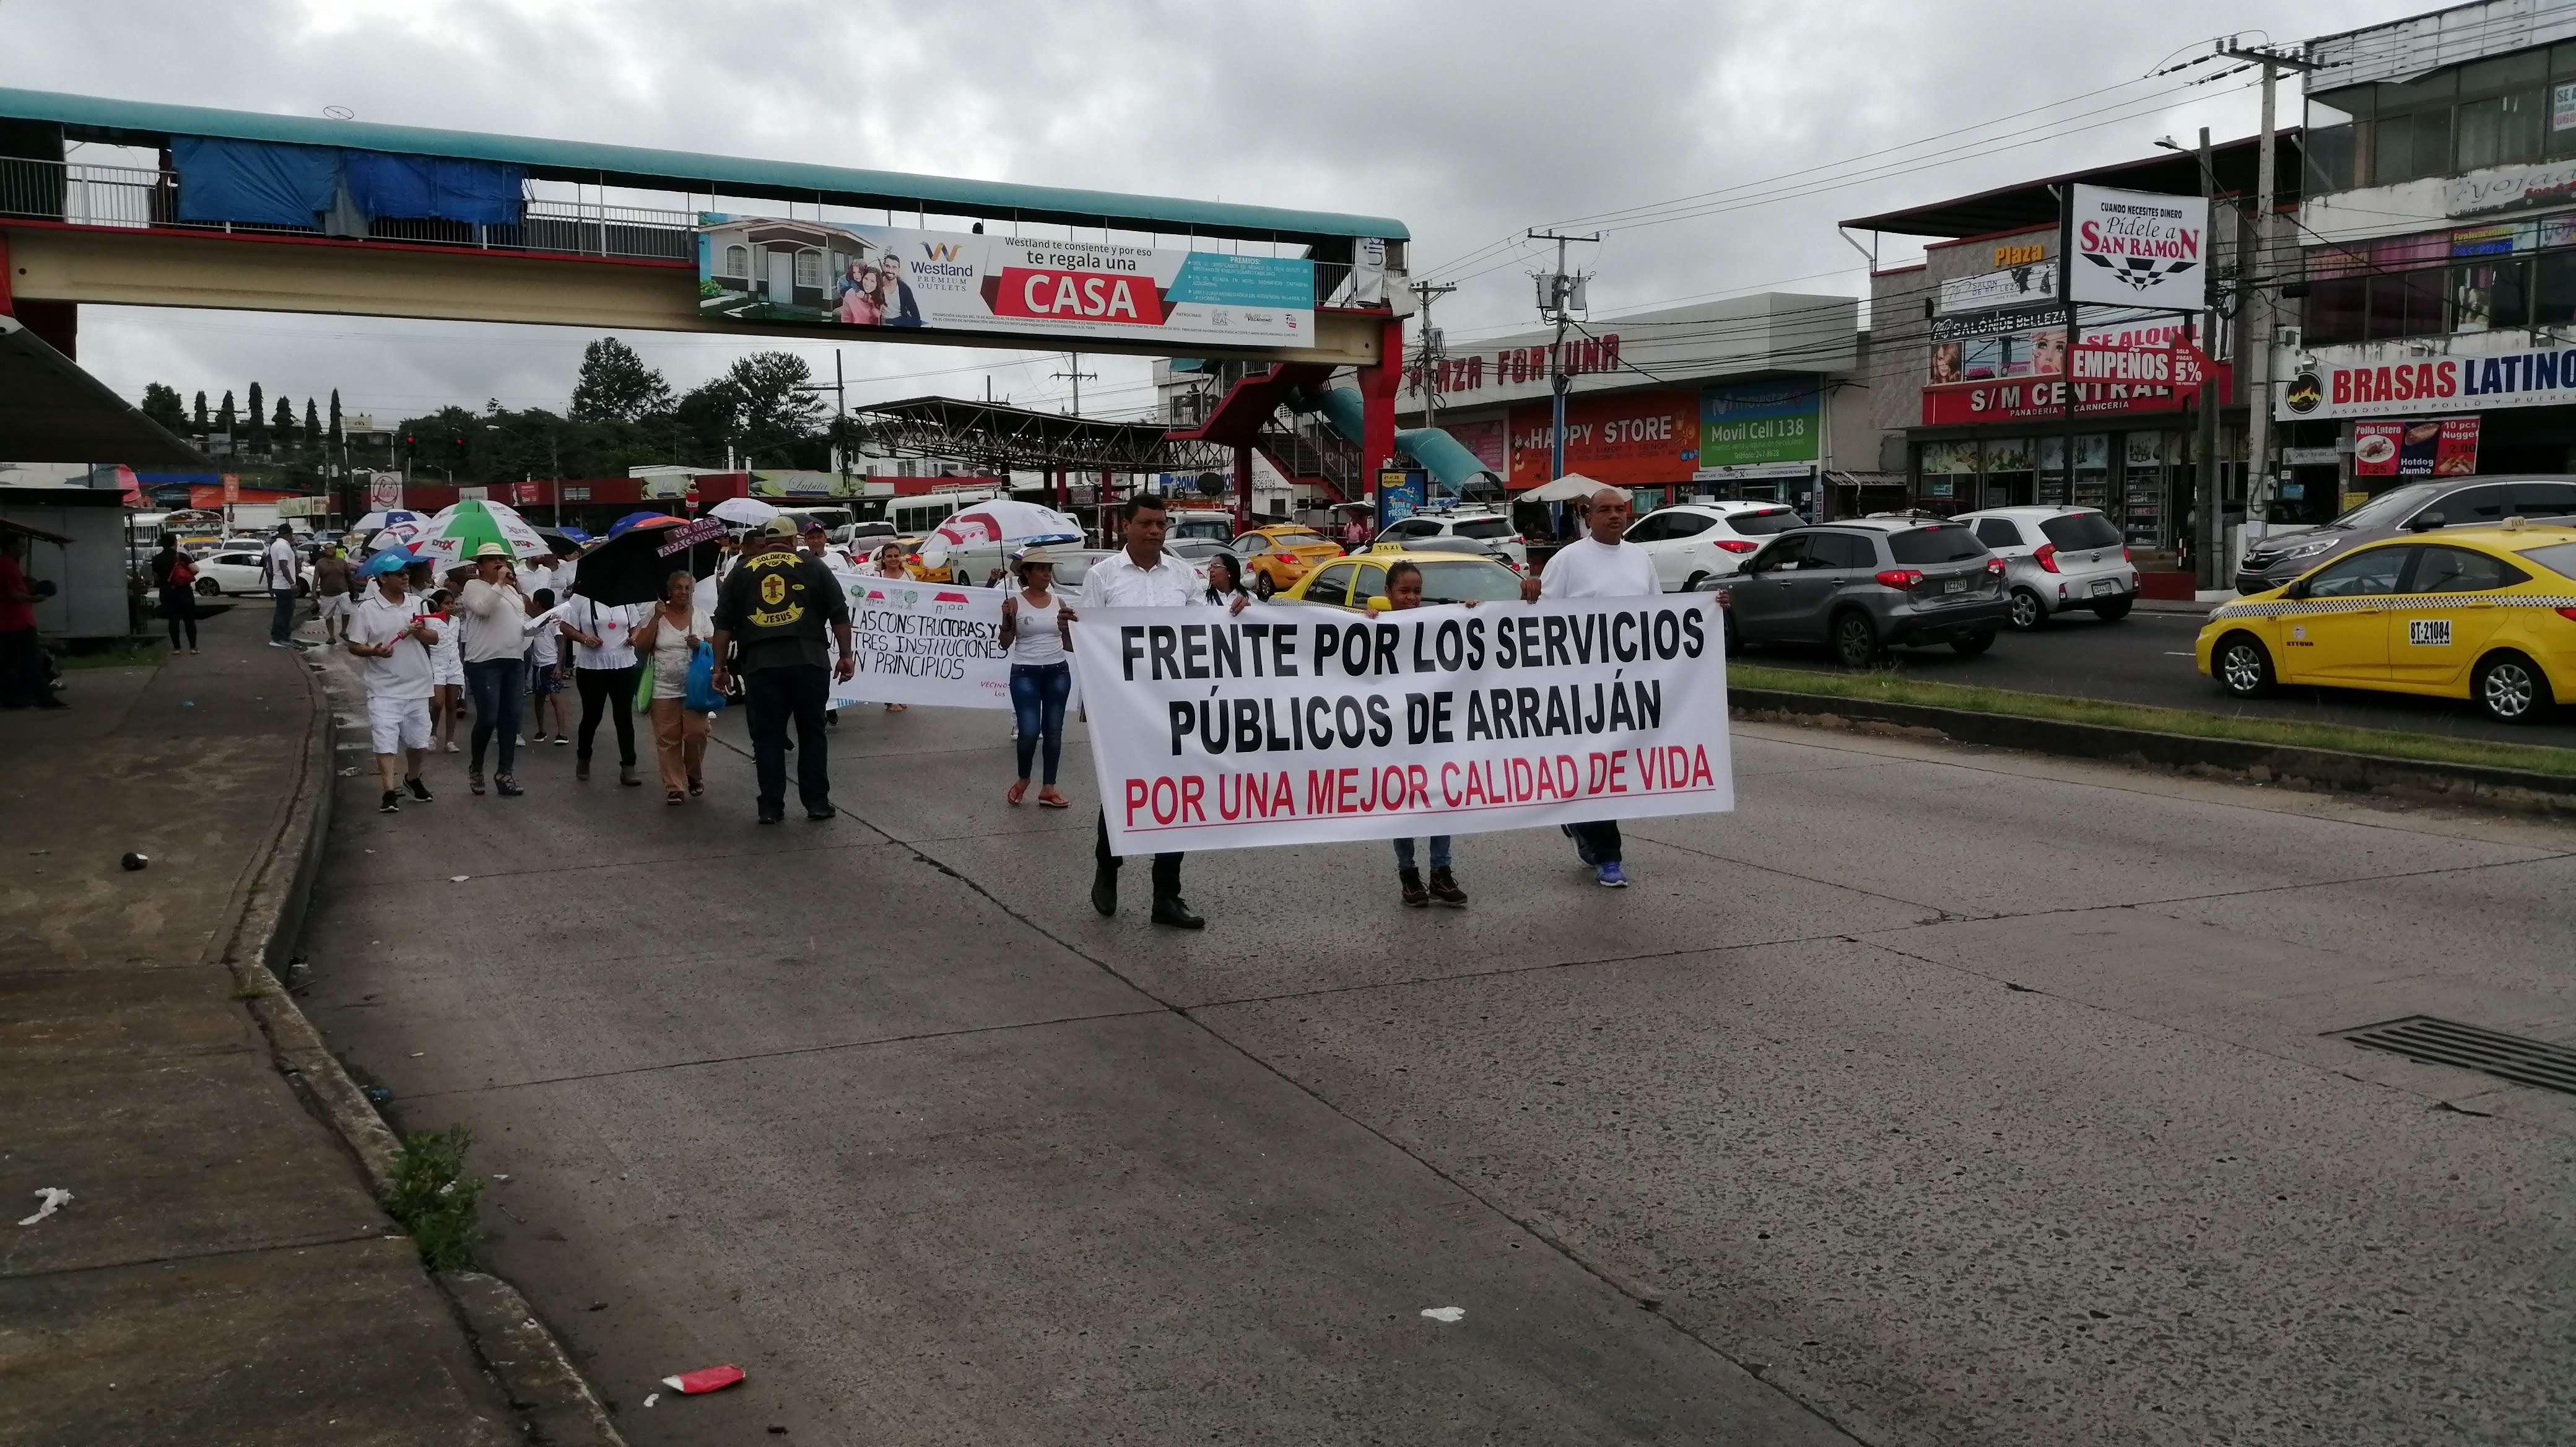 Foto. marcha de protesta en el distrito de Arraiján, por la mala calidad de los servicios públicos.